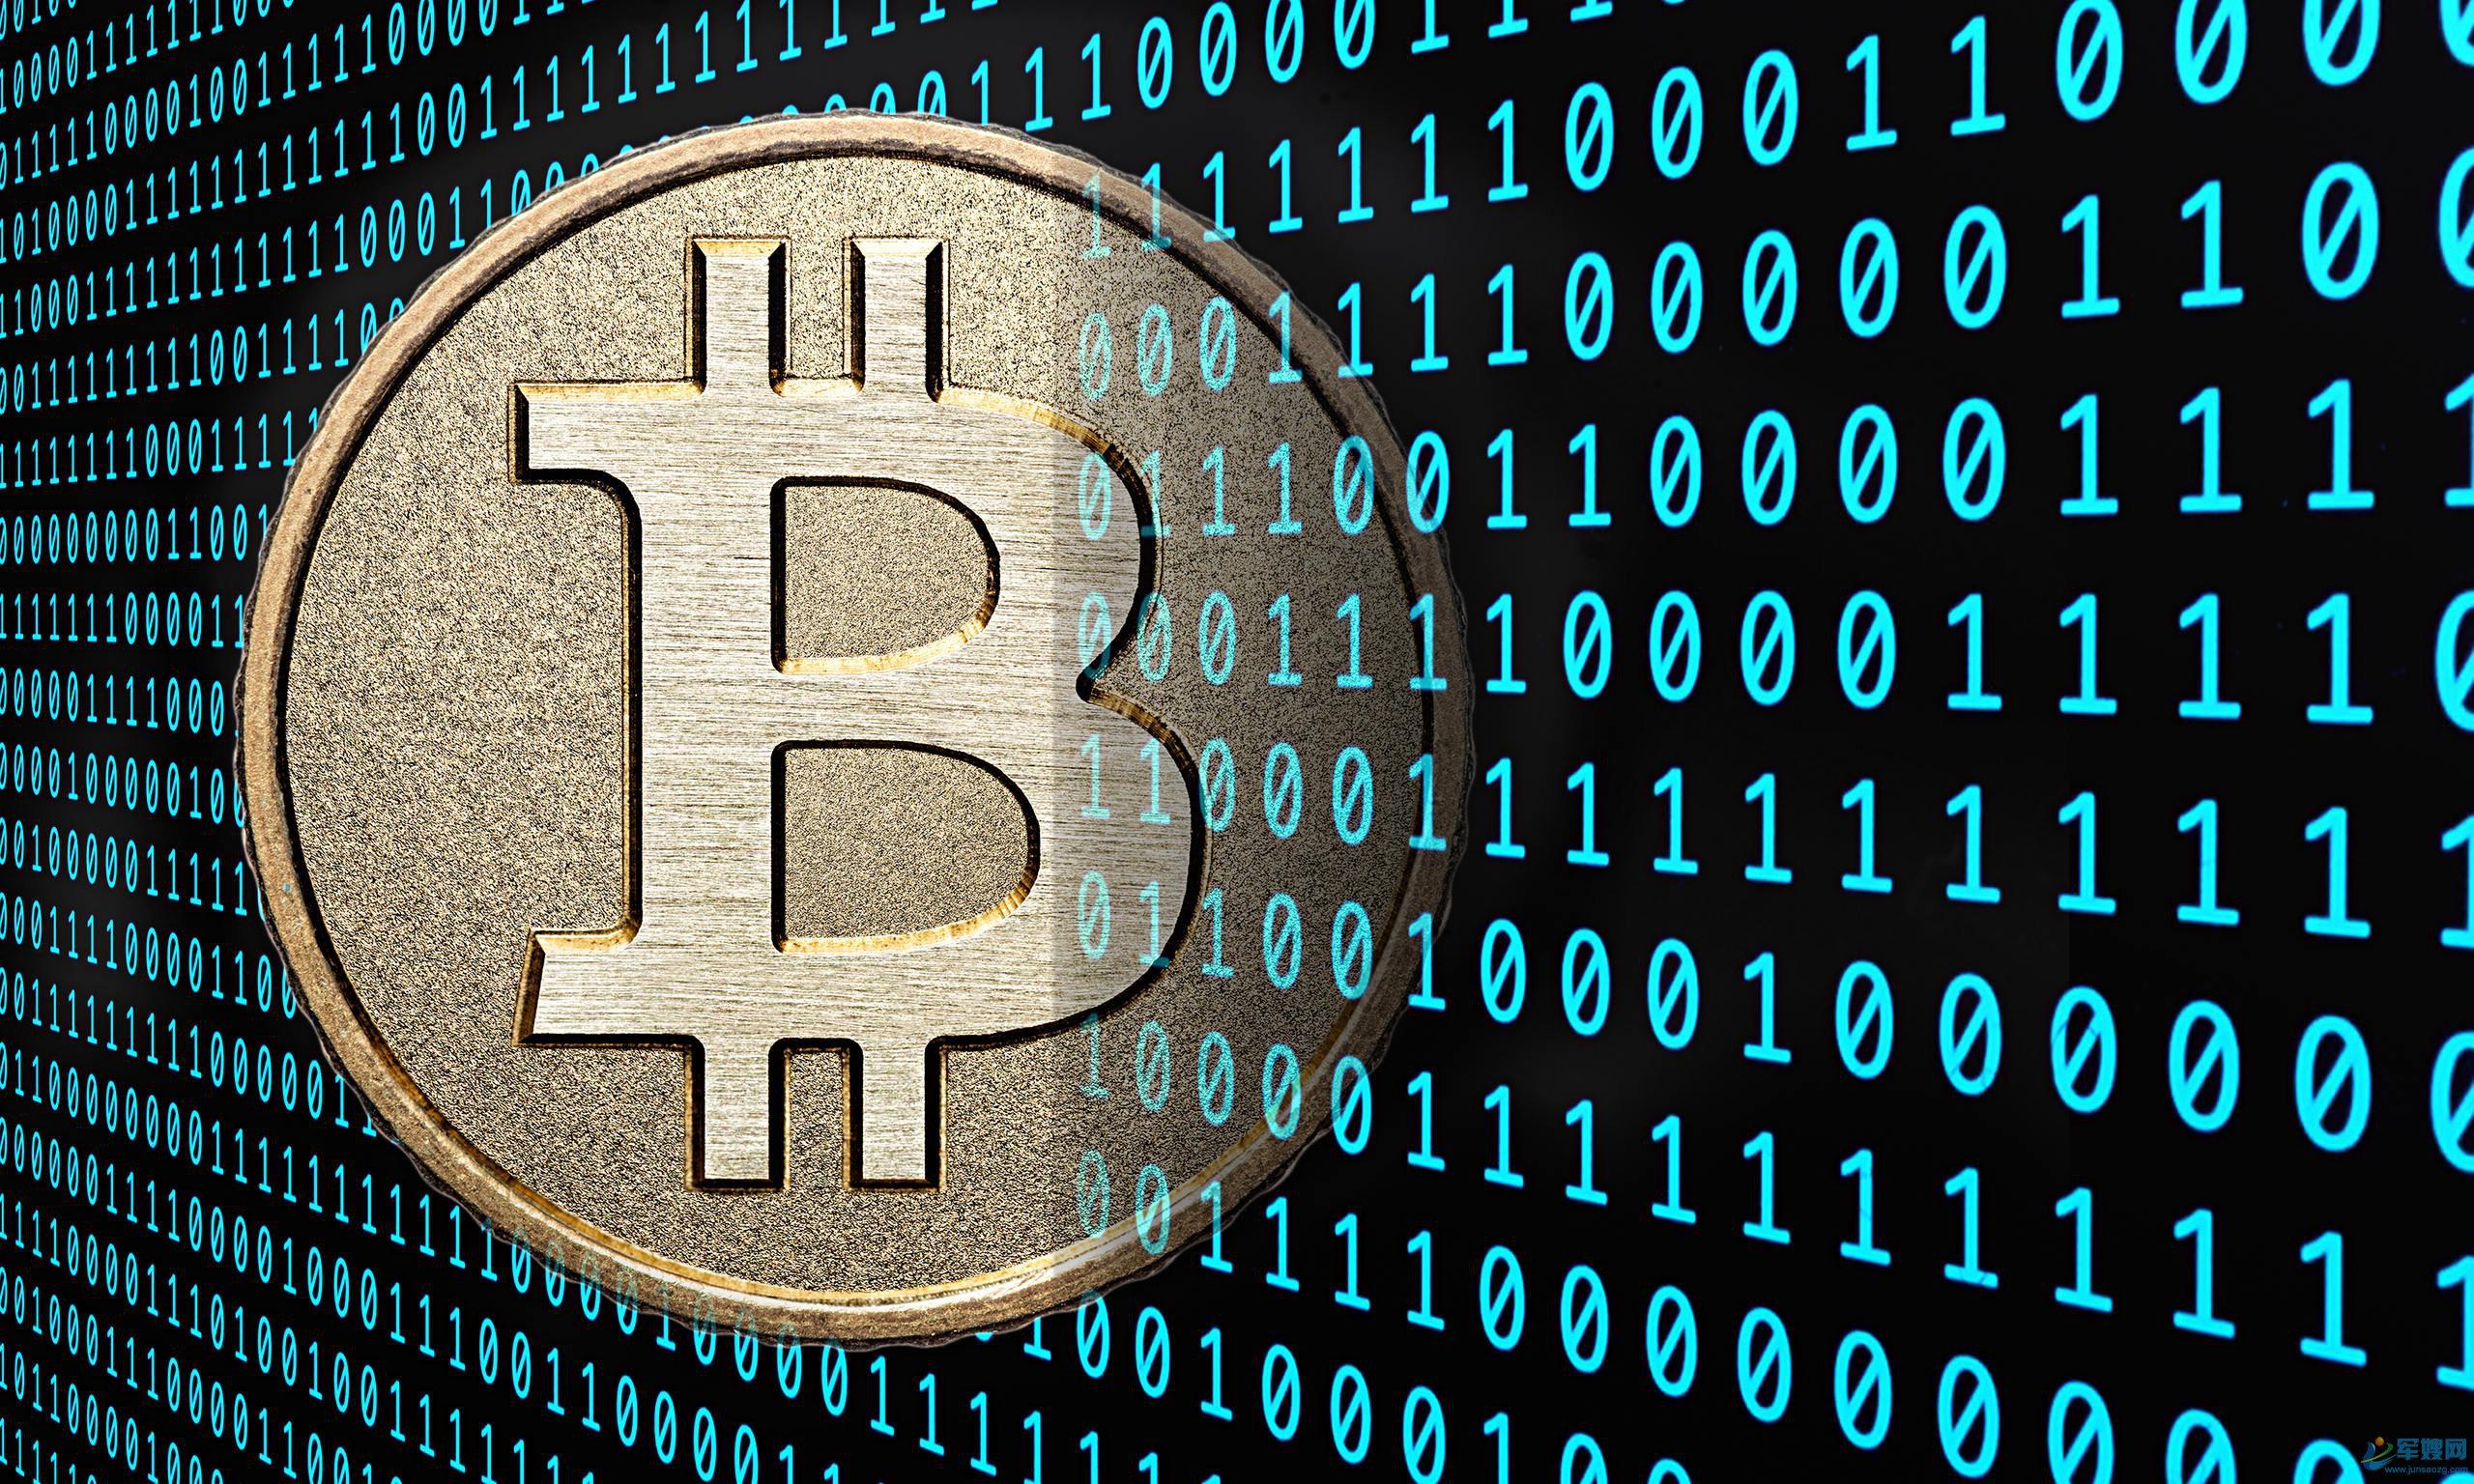 比特币狂热的背后:技术革命还是资本泡沫?